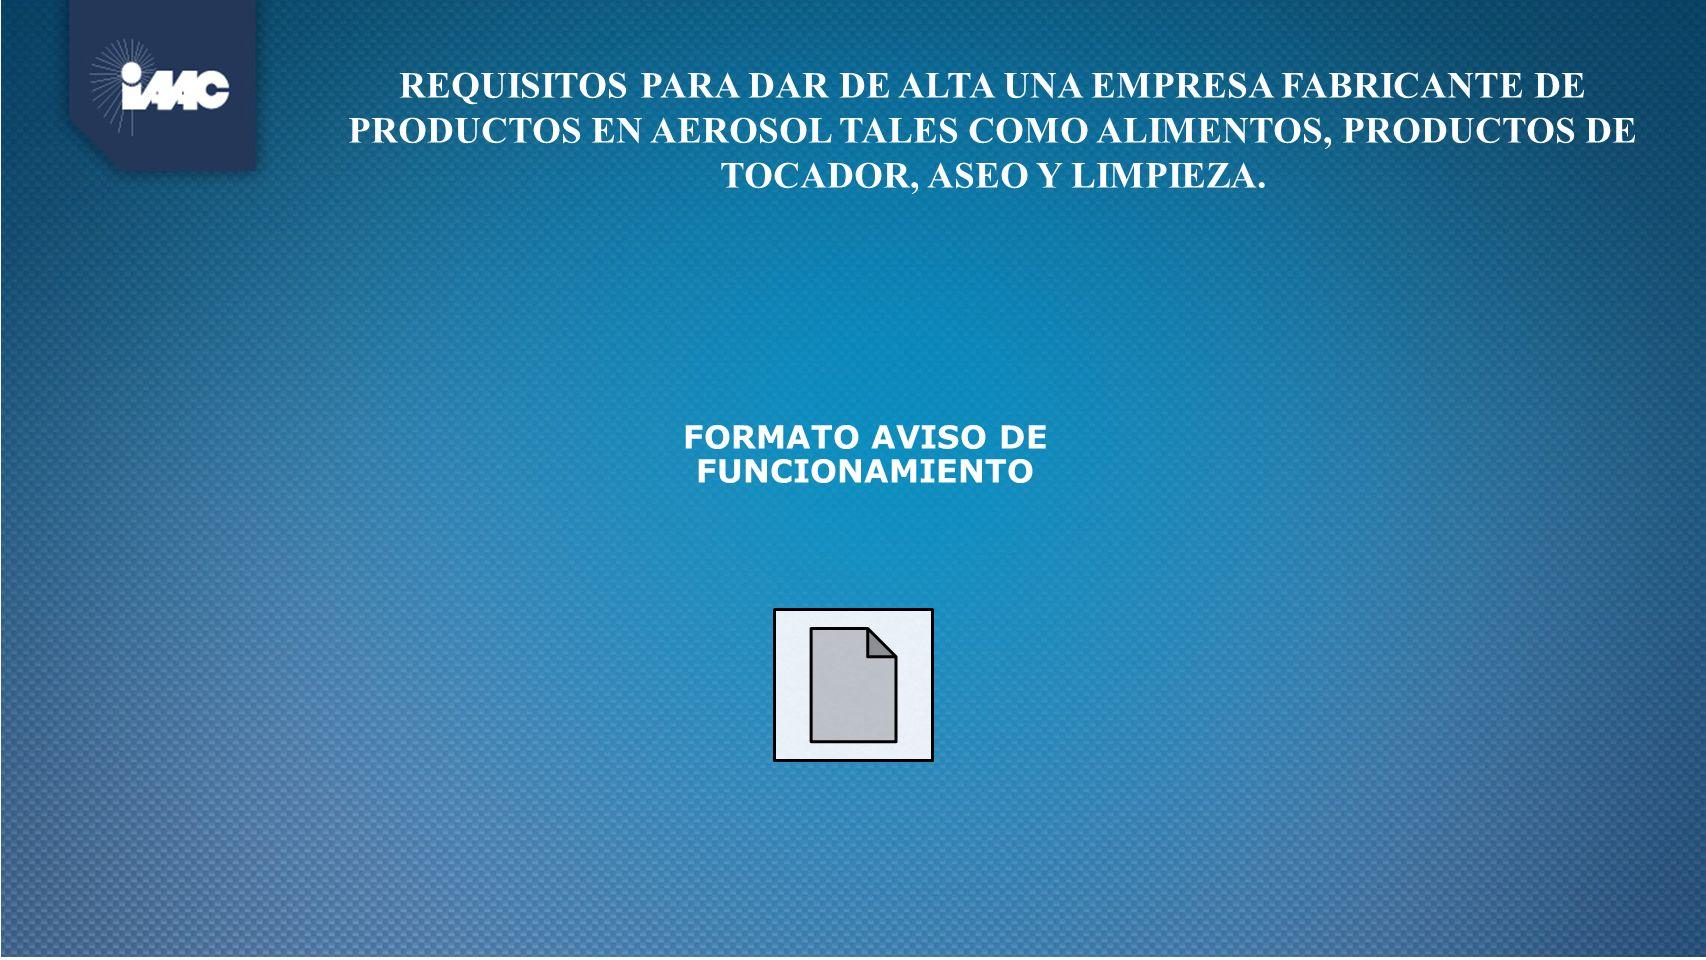 REQUISITOS PARA DAR DE ALTA UNA EMPRESA FABRICANTE DE PRODUCTOS EN AEROSOL TALES COMO ALIMENTOS, PRODUCTOS DE TOCADOR, ASEO Y LIMPIEZA. FORMATO AVISO